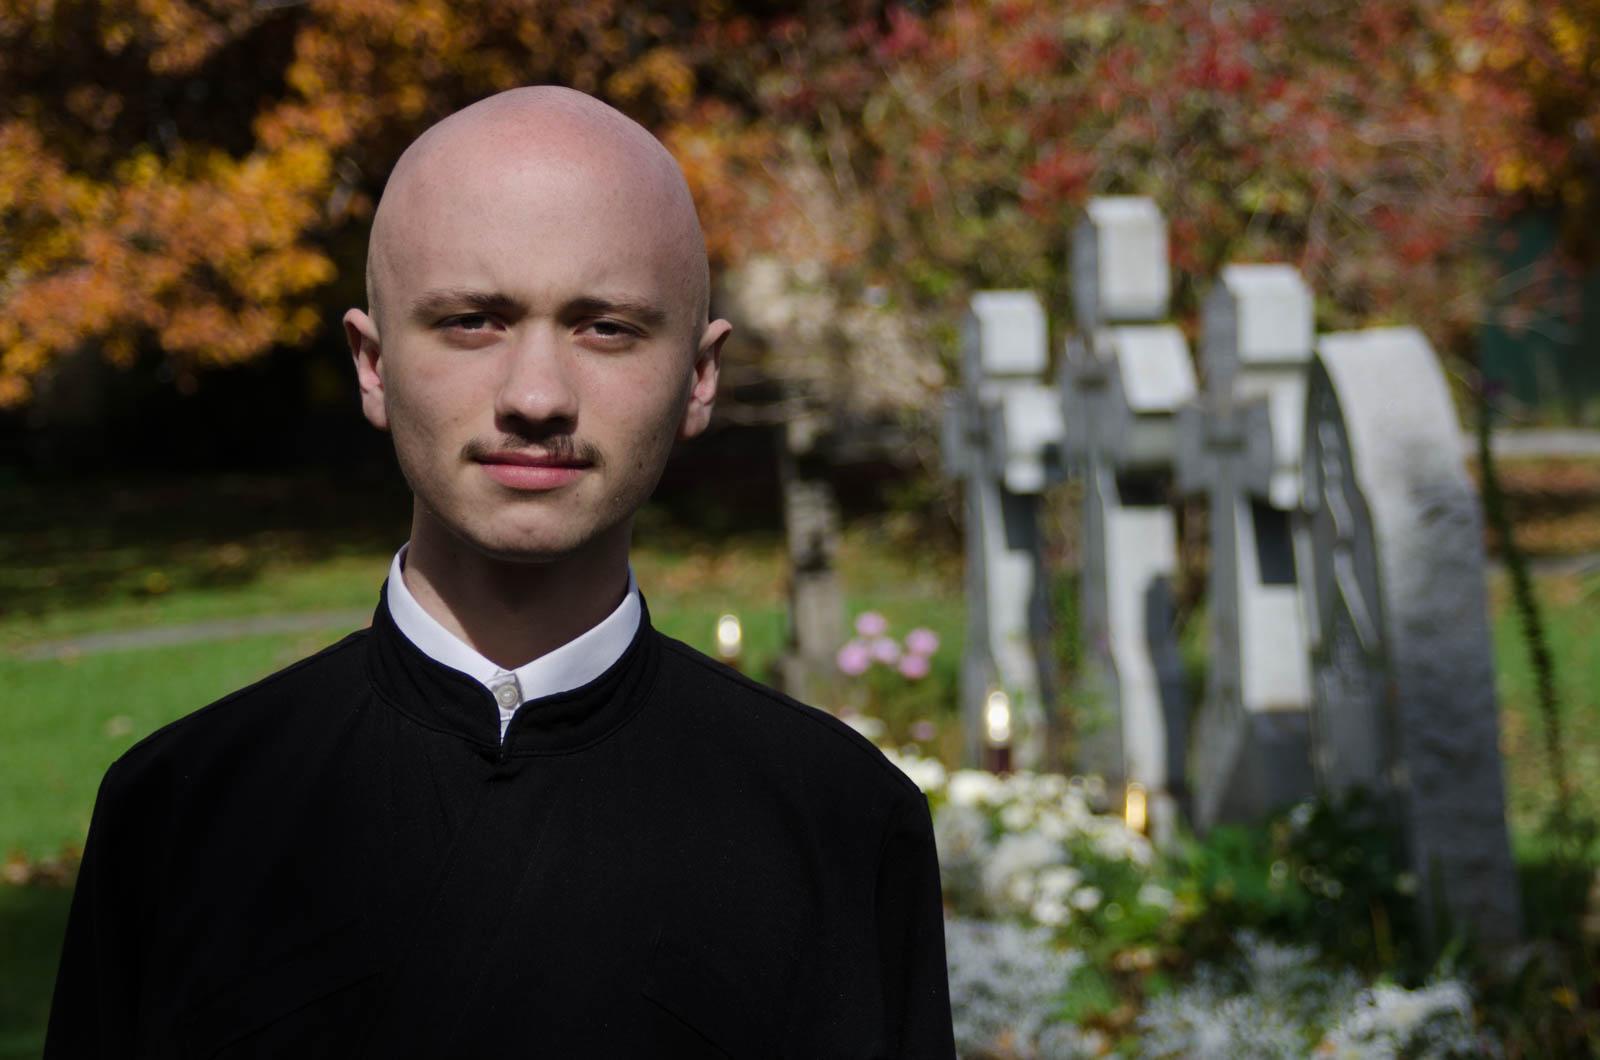 Seminarian Edmund Underwood